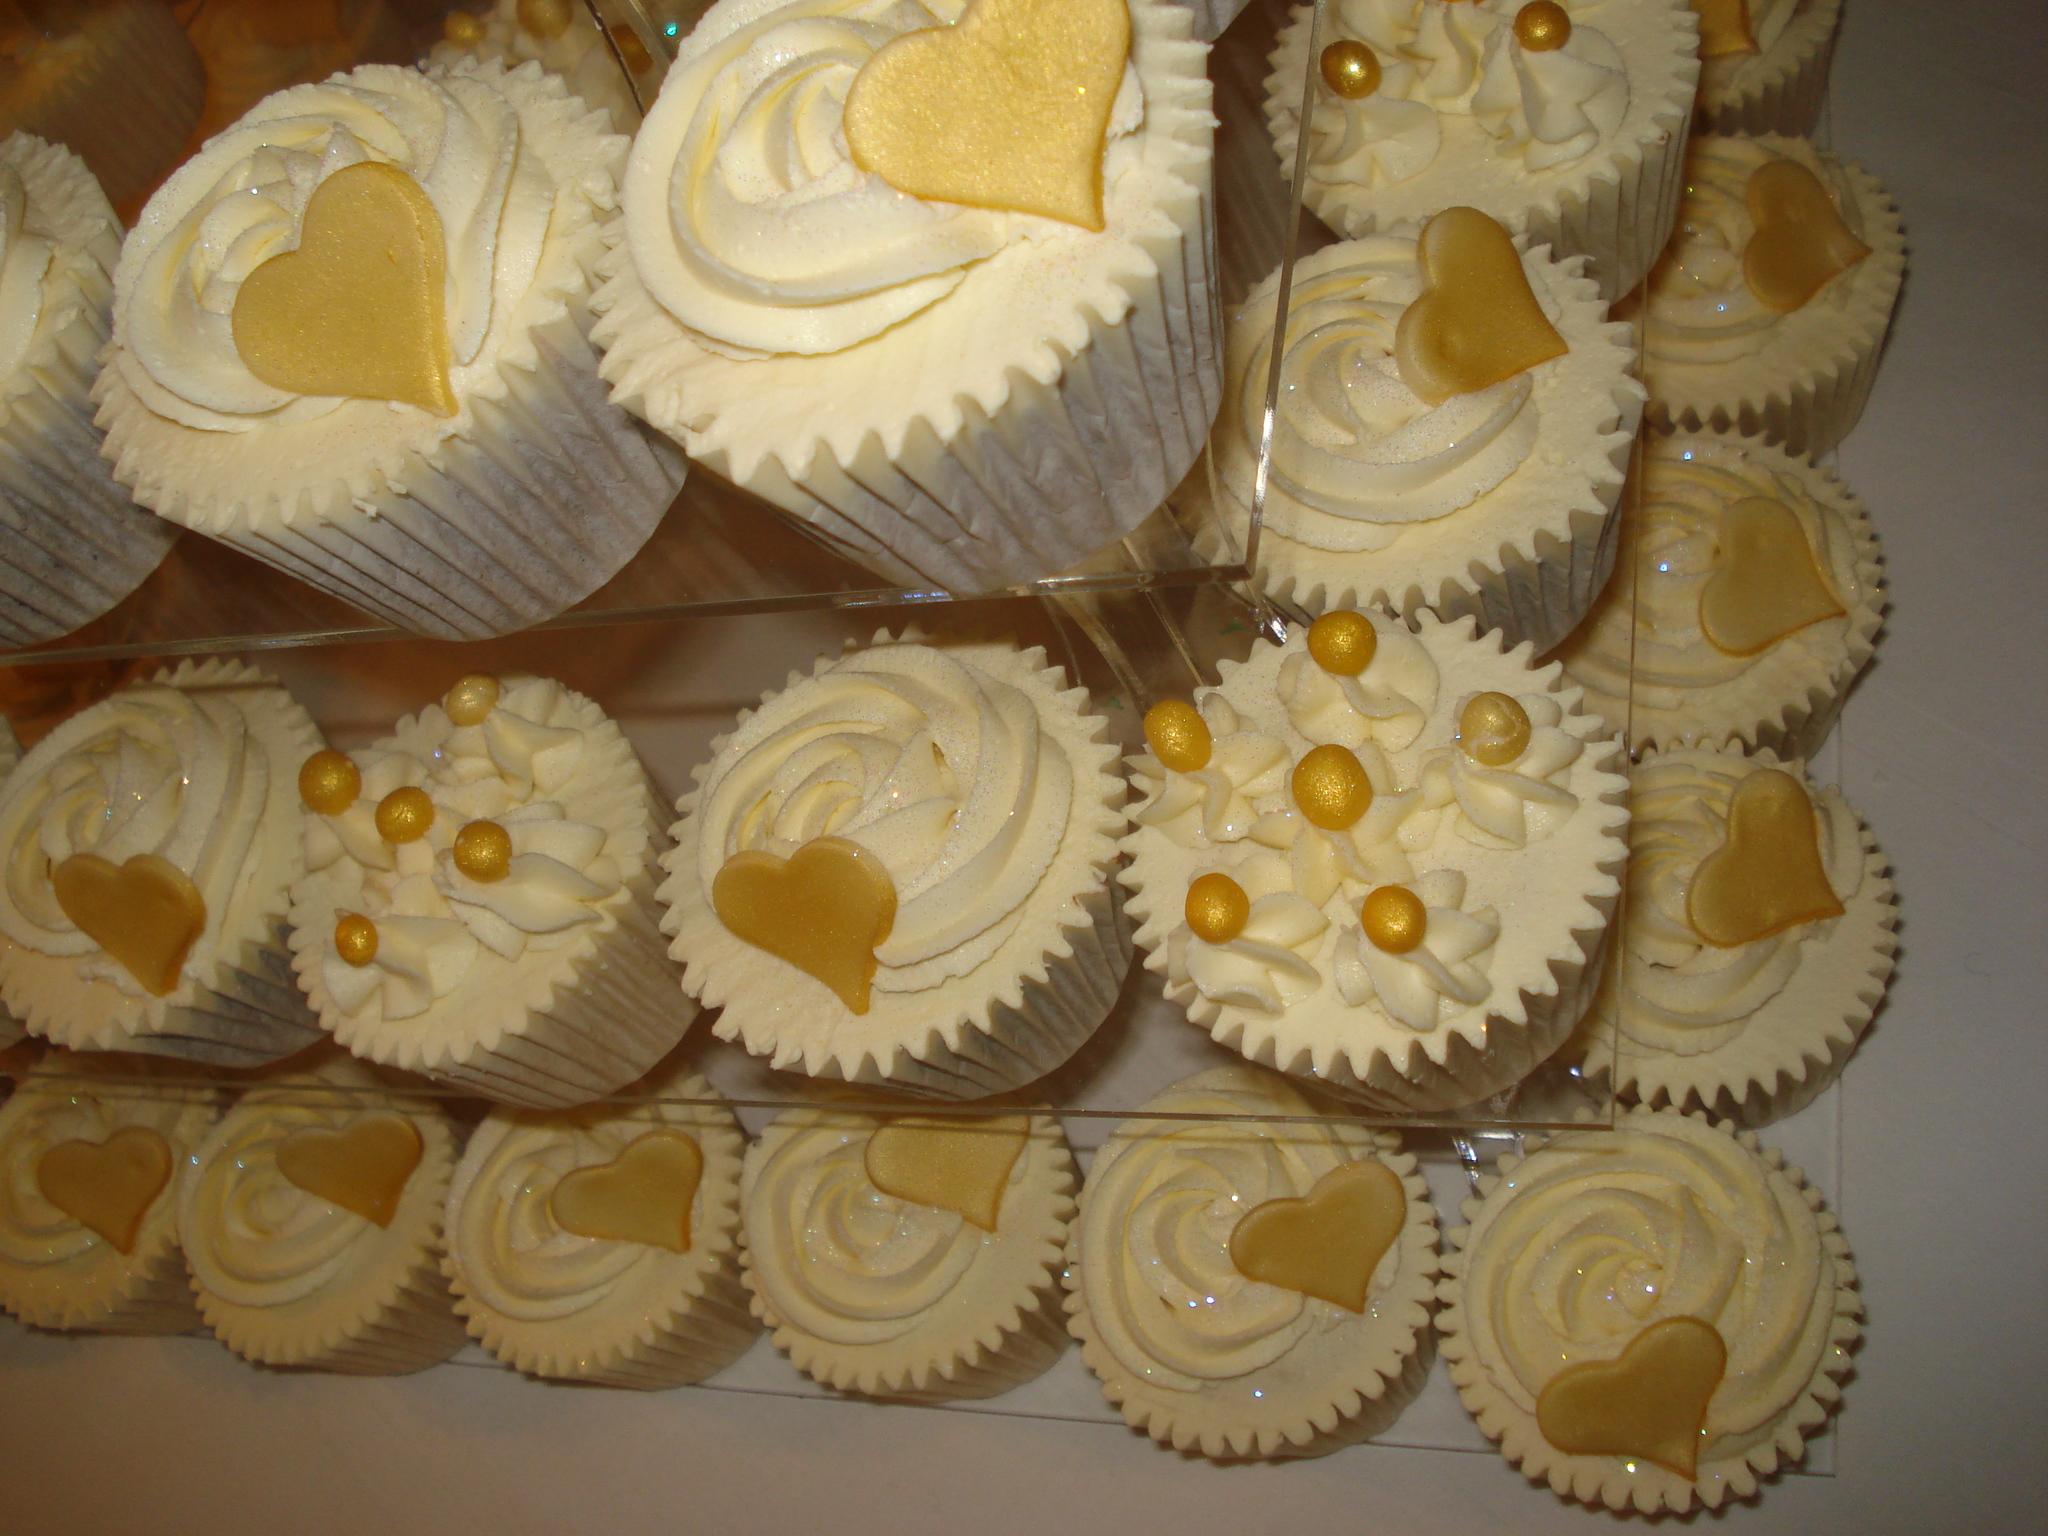 Weddings Weddings and more Weddings  CAKES BY LIZZIE EDINBURGH